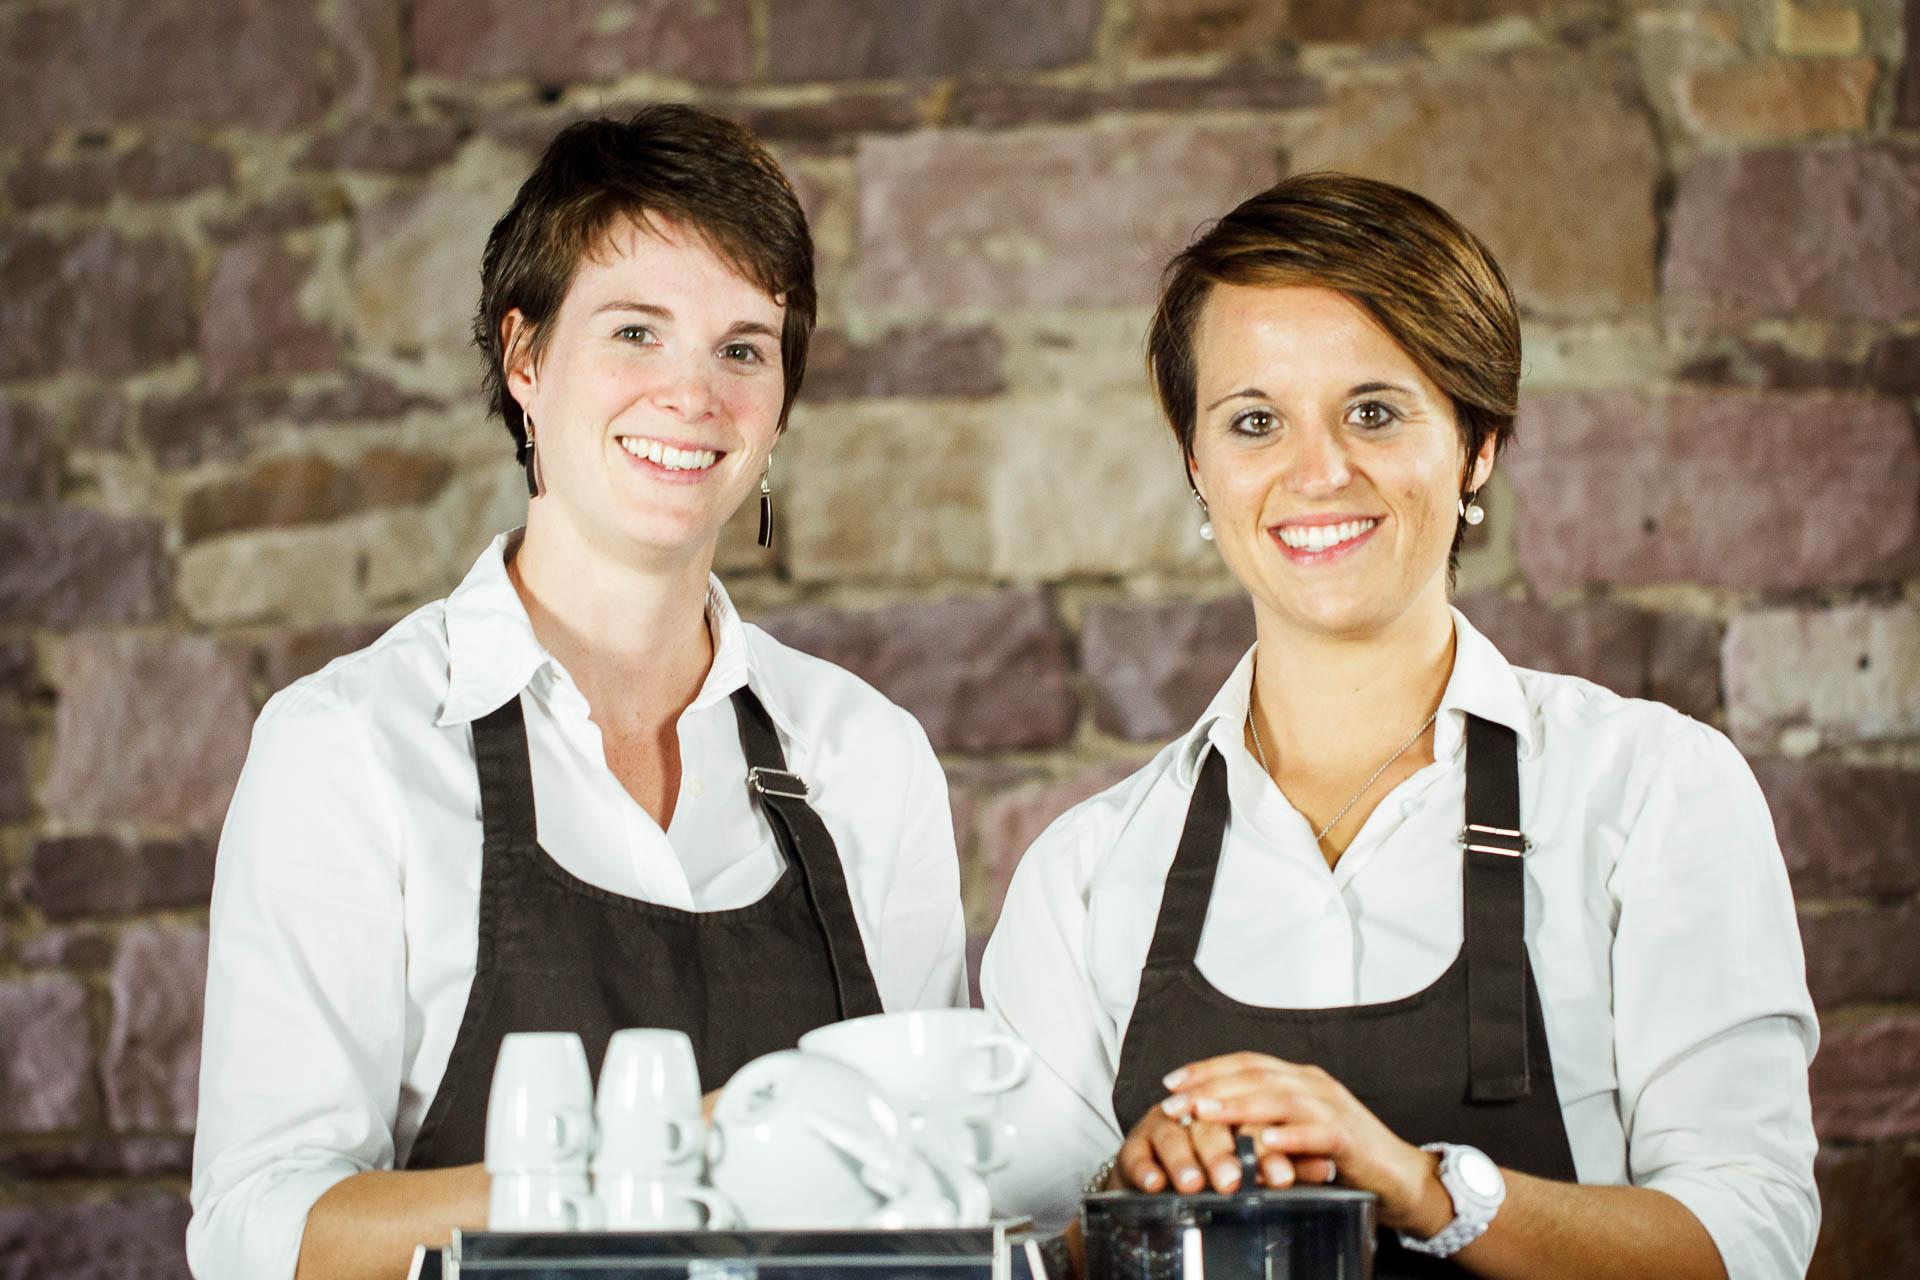 Image Bilder für das Café perlbohne in Karlsruhe